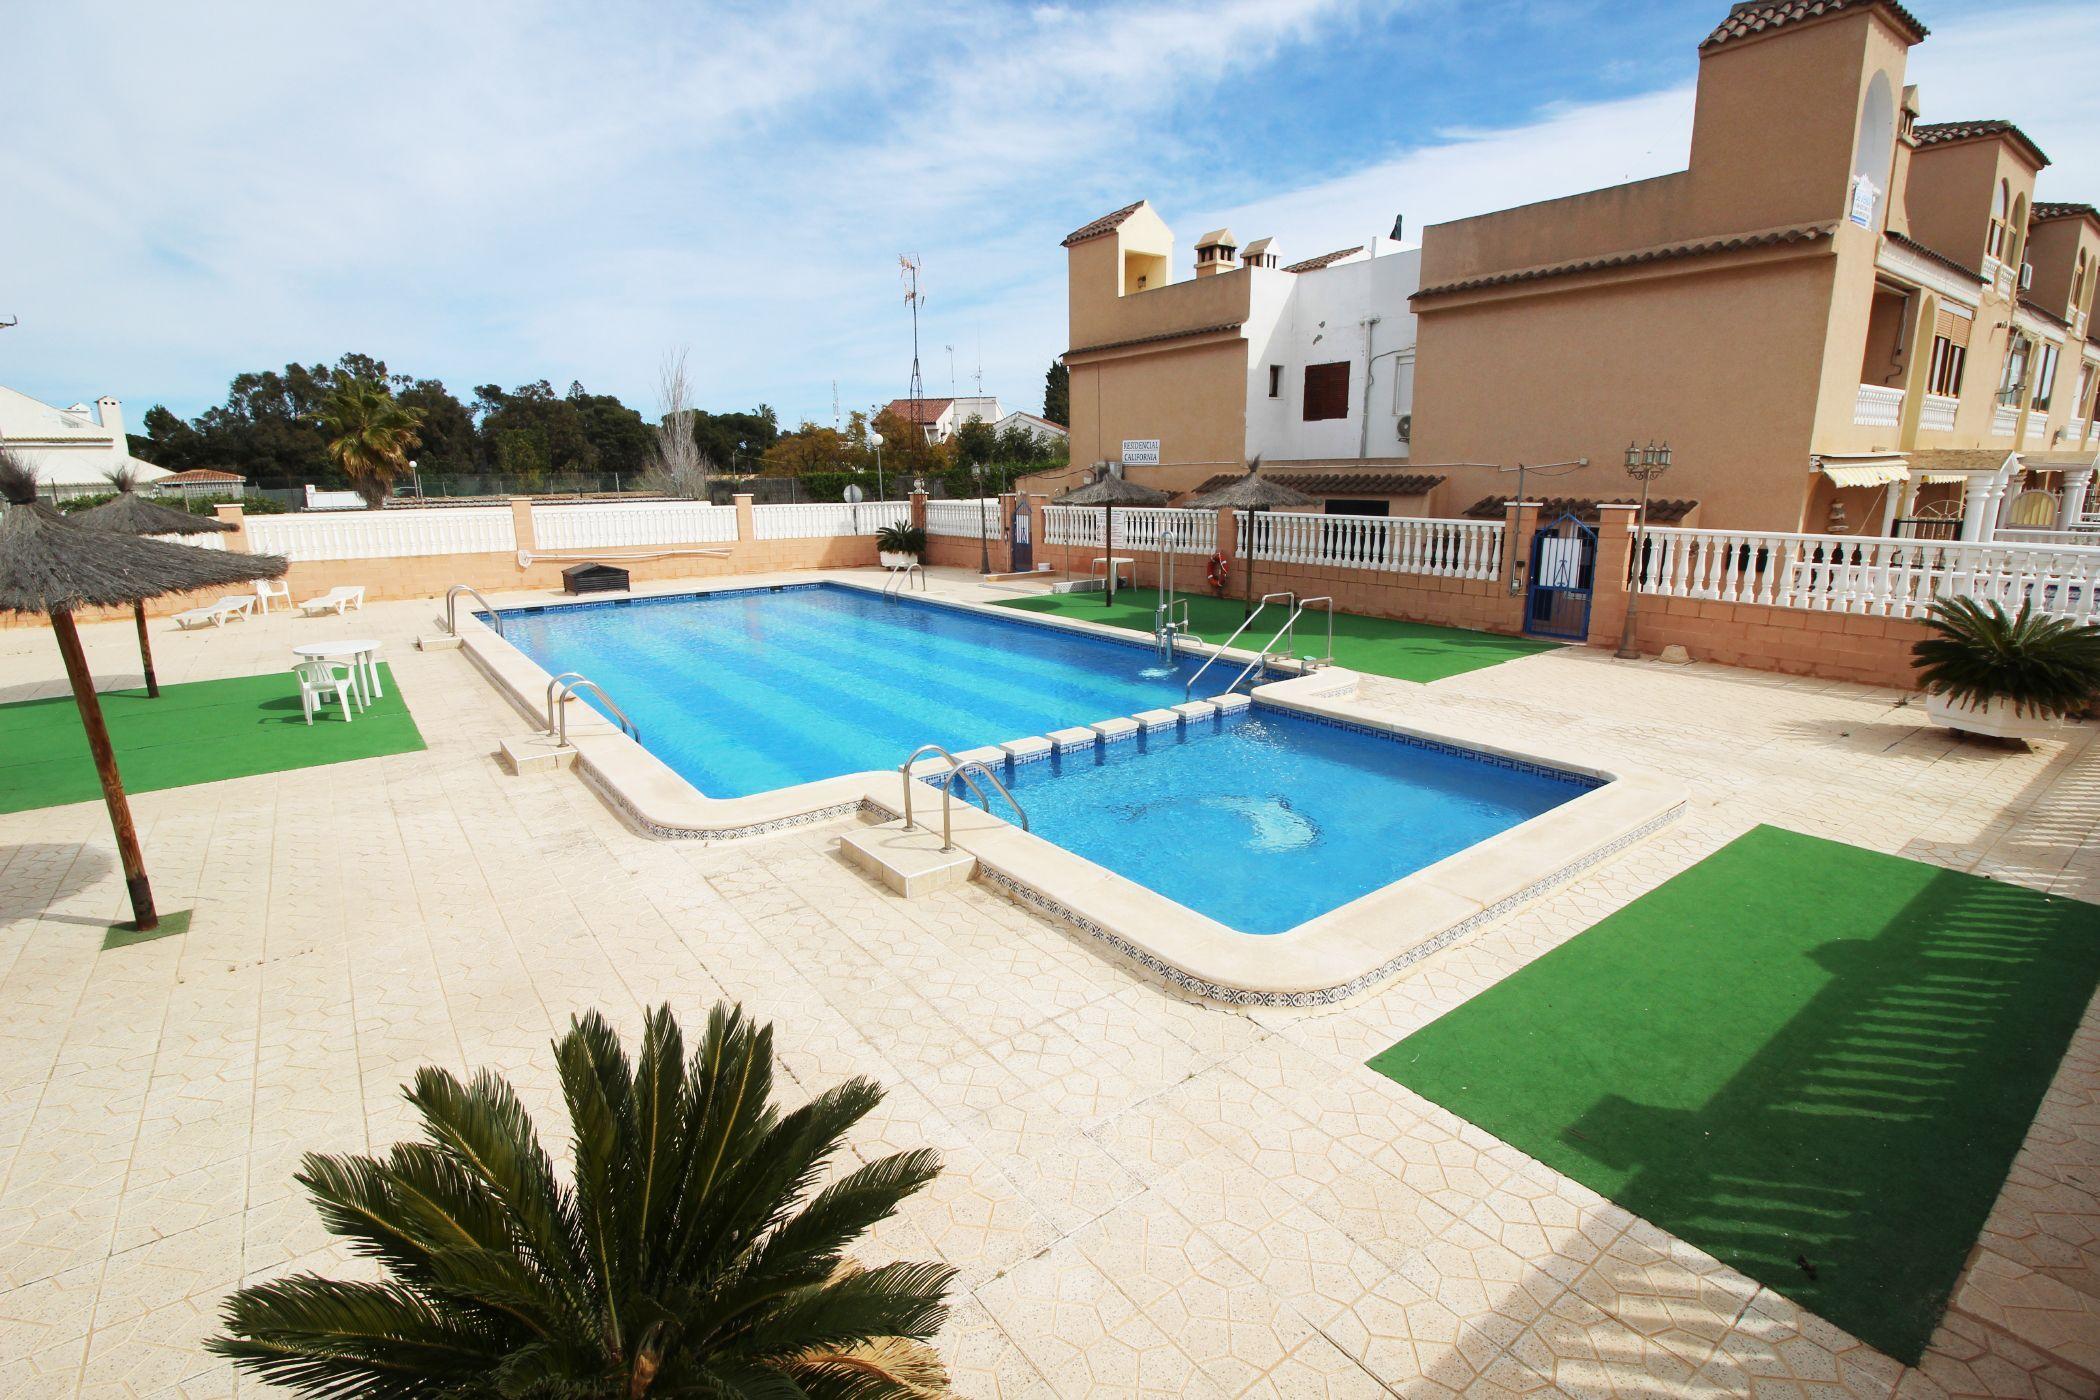 Bungalow en Punta Prima en planta baja de 1 dormitorio con piscina